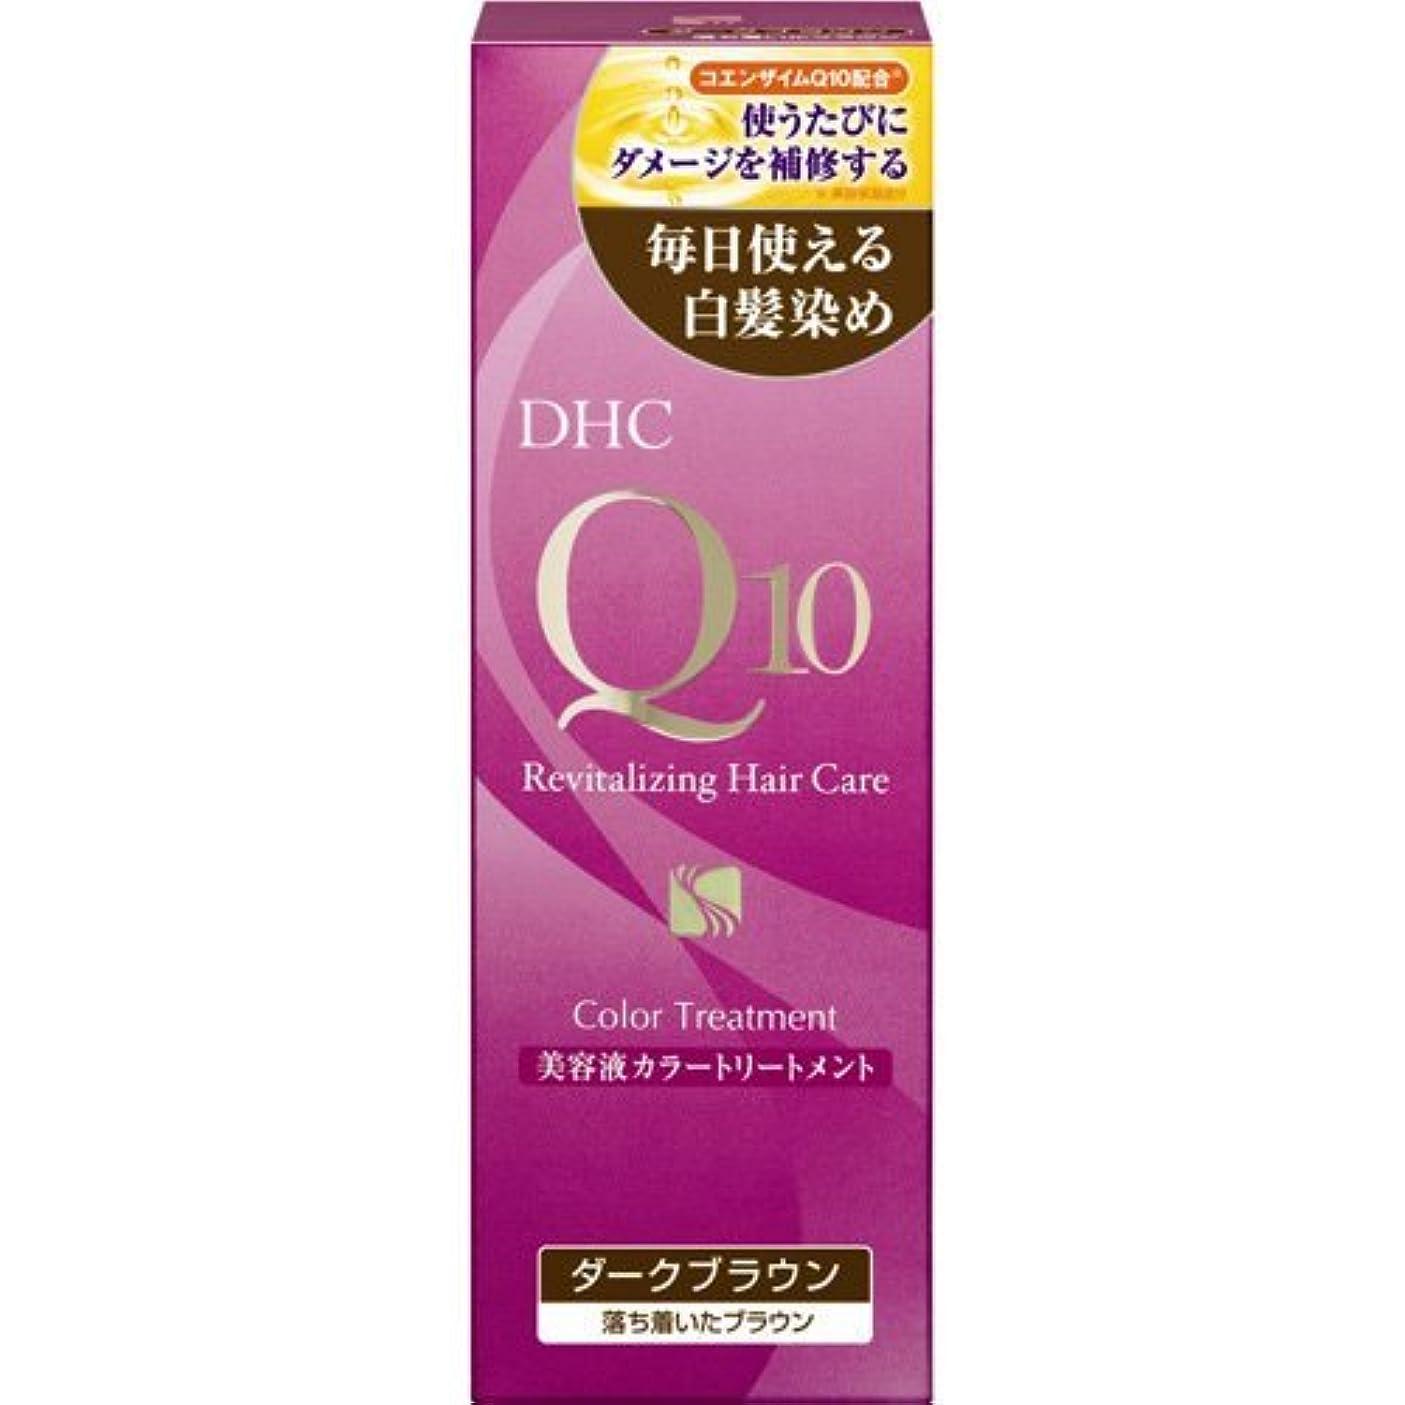 拒絶オーガニック酔っ払い【まとめ買い】DHC Q10美溶液カラートリートメントDブラウンSS170g ×4個